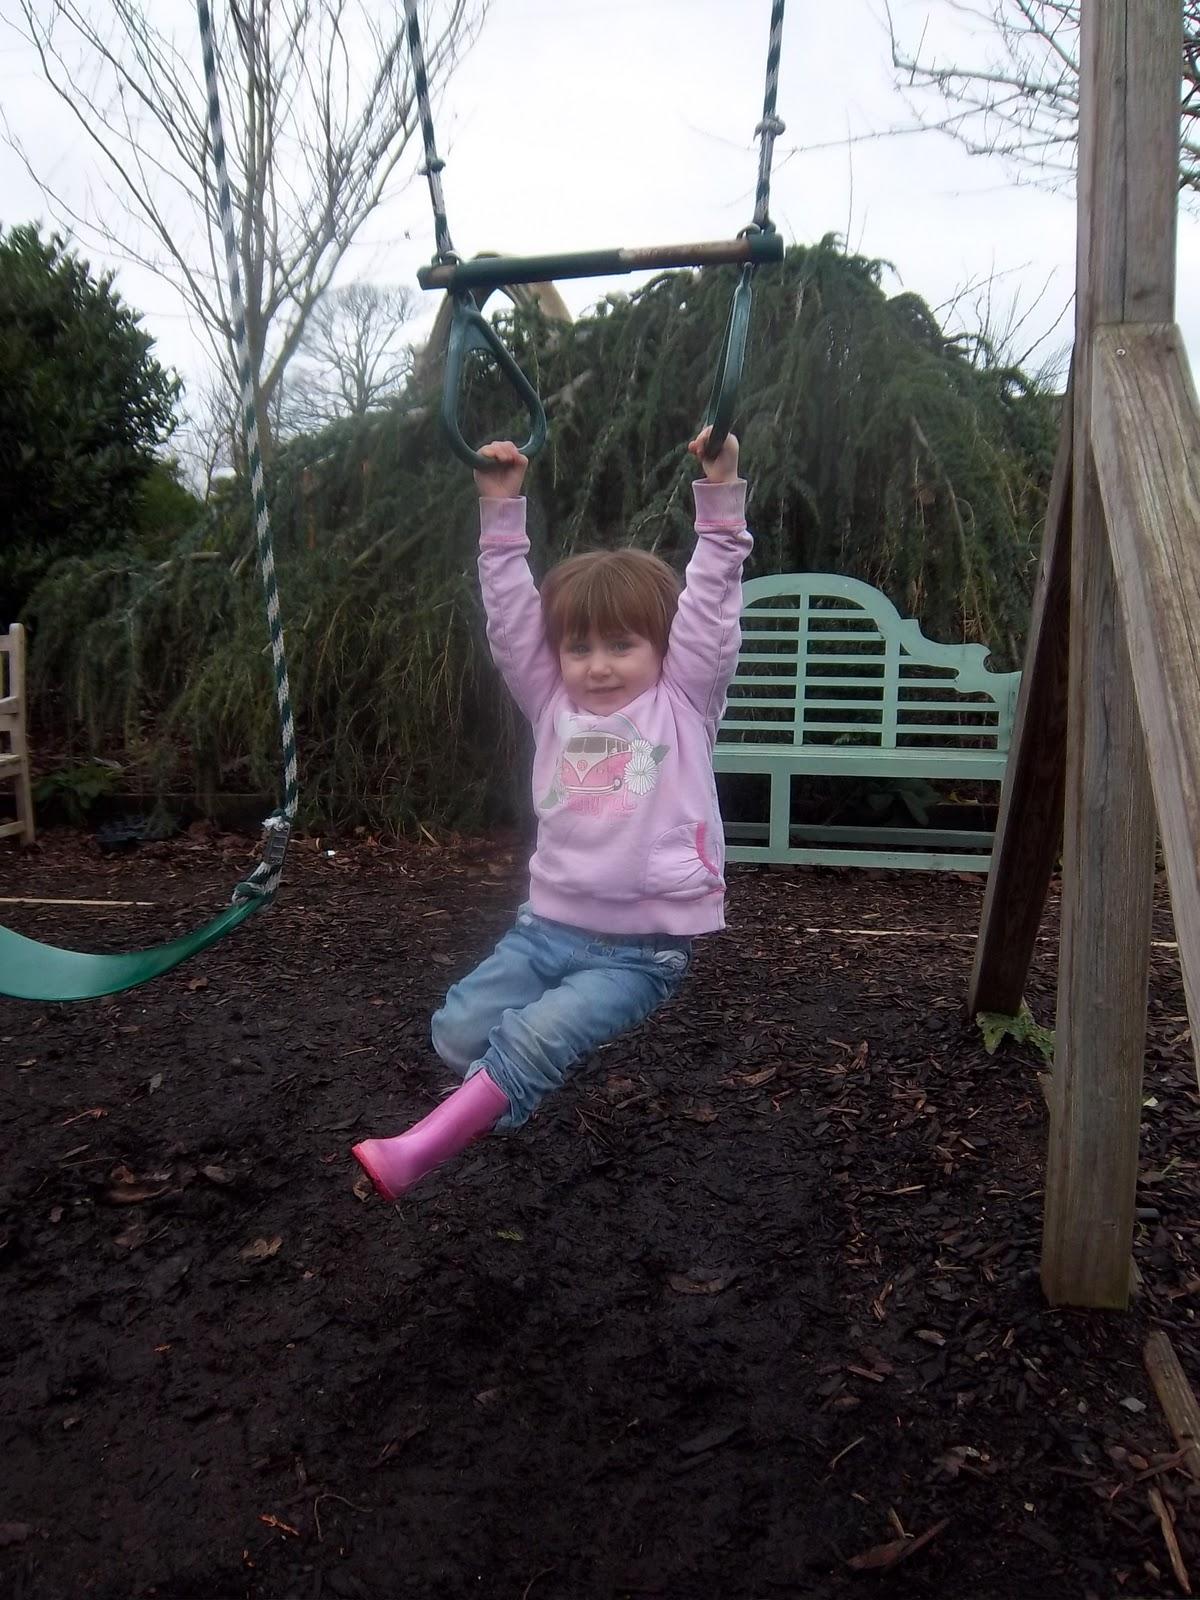 arrianna's special: derwen garden centre, welshpool